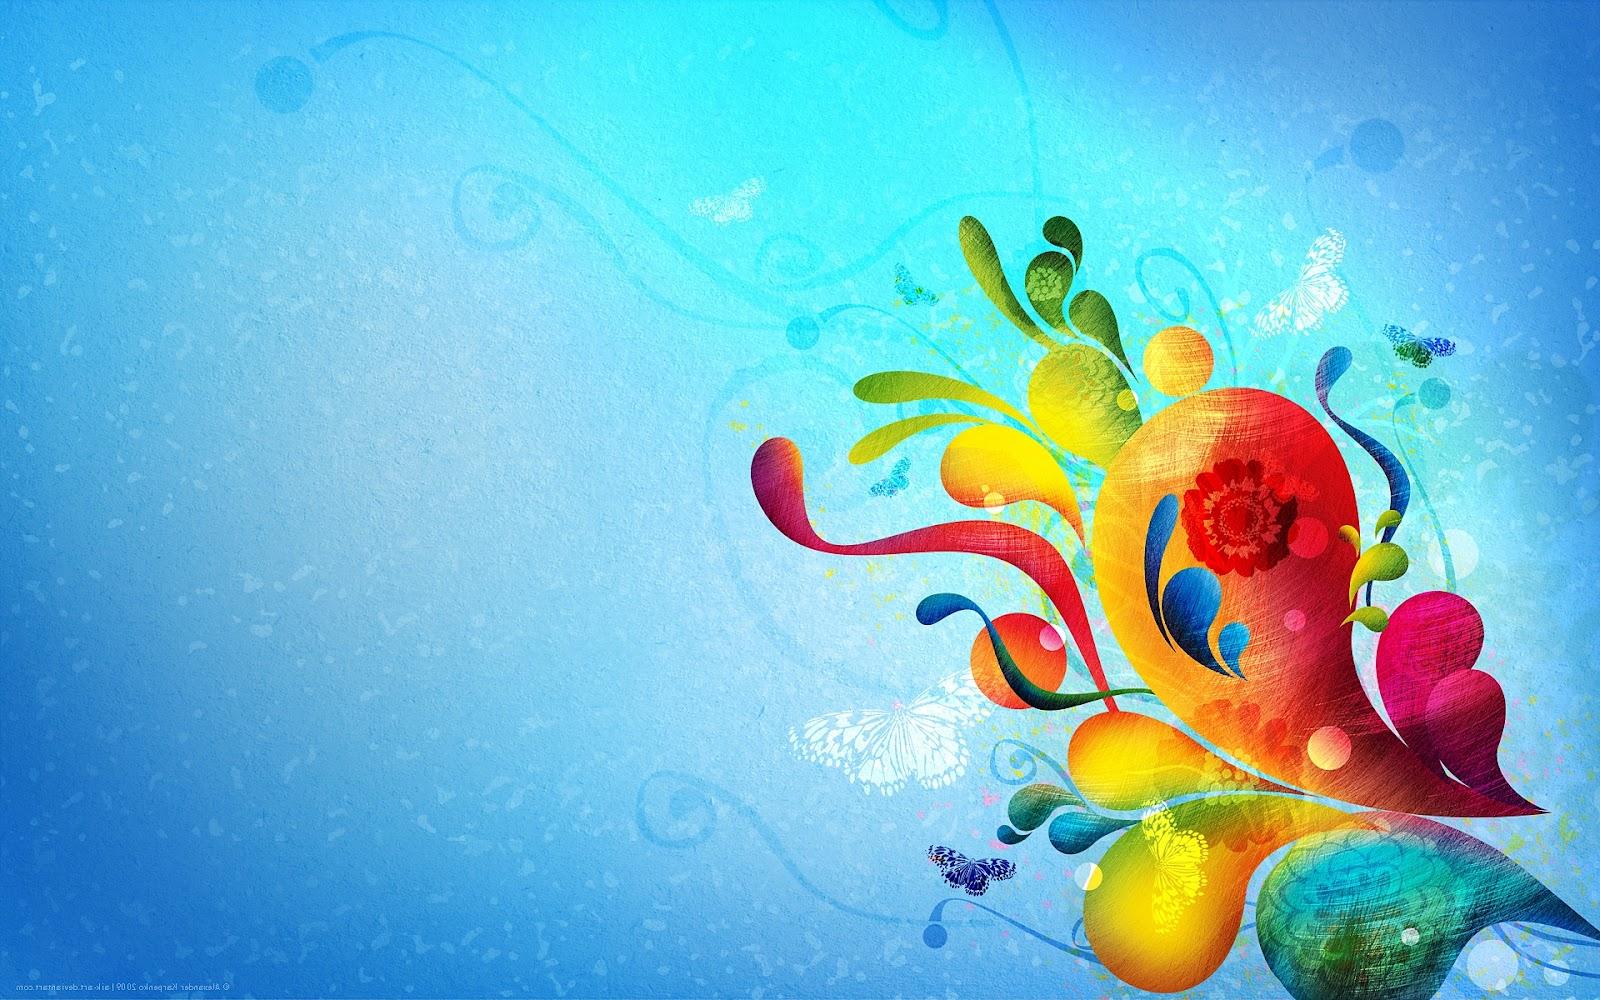 カラーフル画像hd かわいいpcの壁紙 1600x1000 Wallpapertip